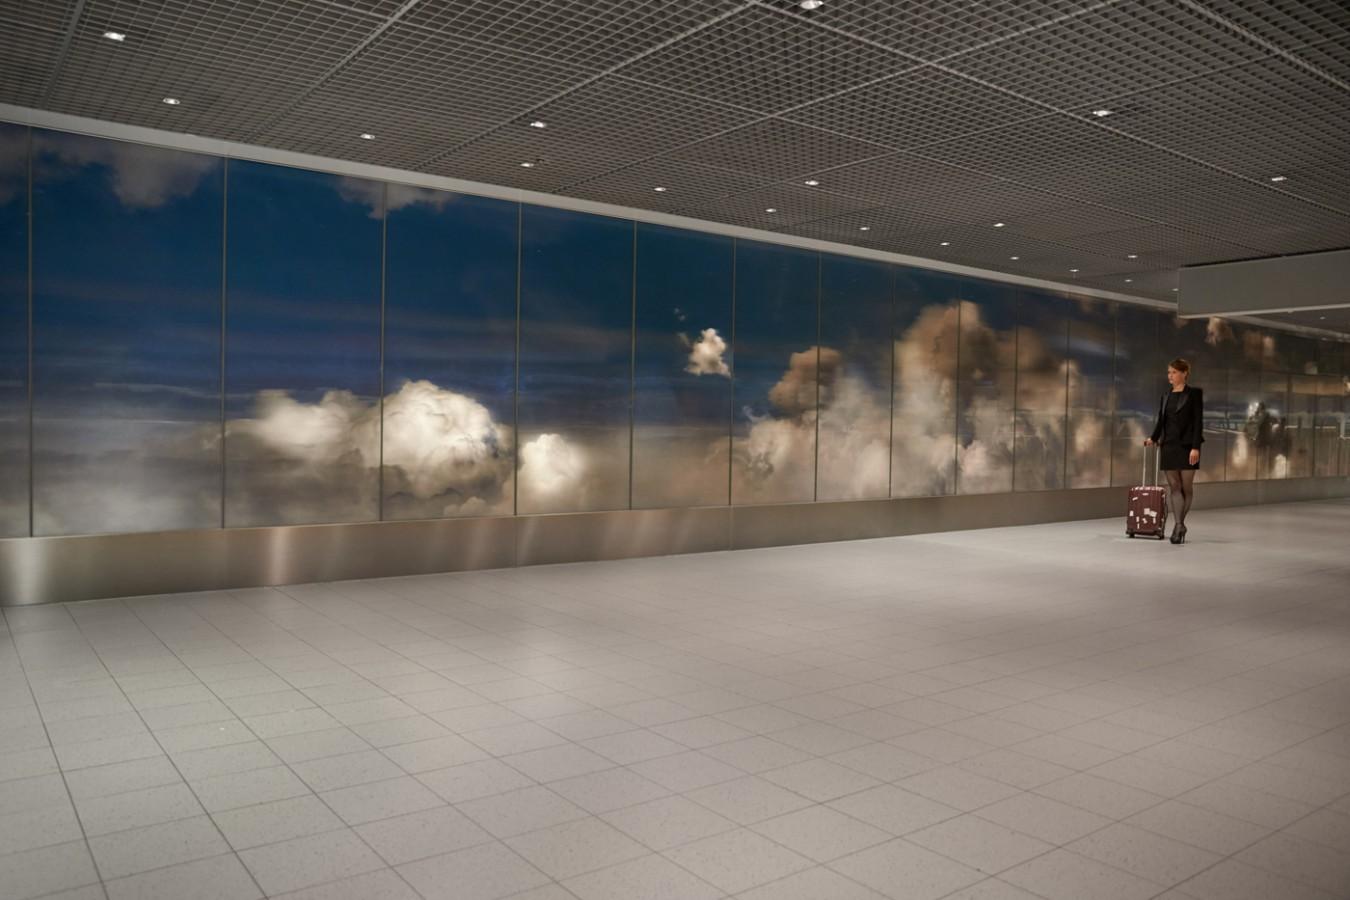 aeroport-nuage-04